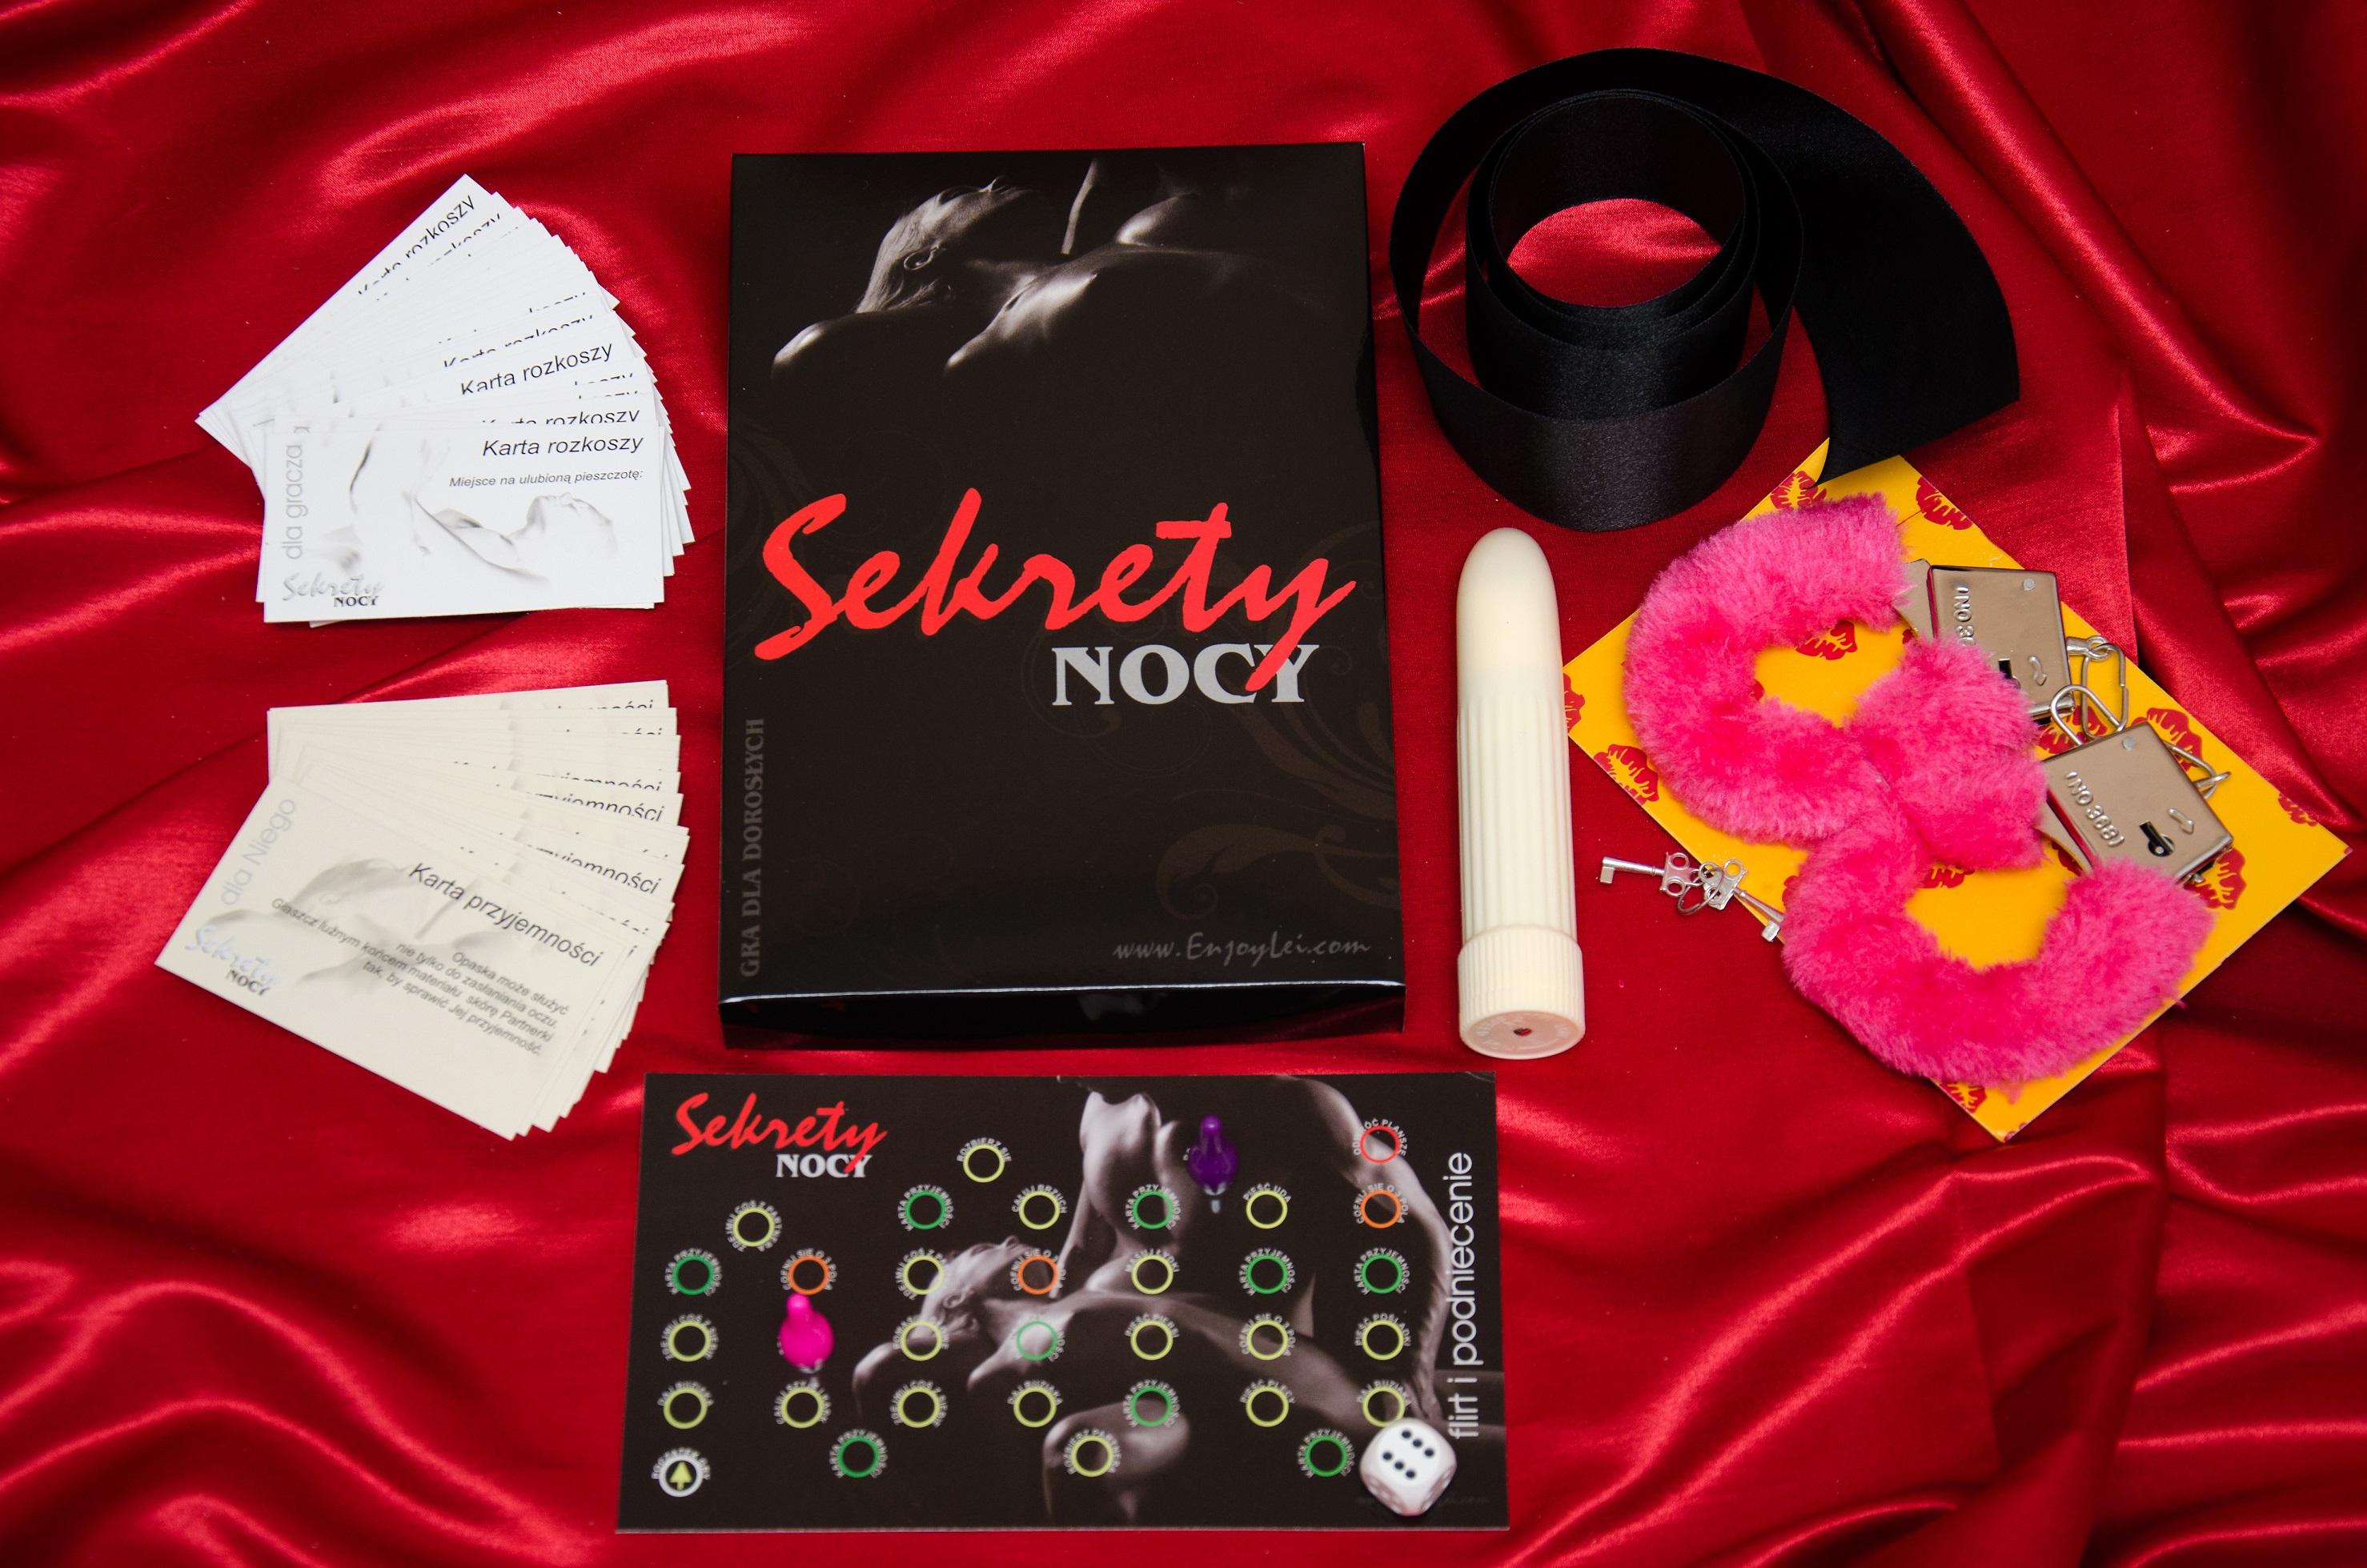 Erotische Spiele -<br>Secrets of the Night